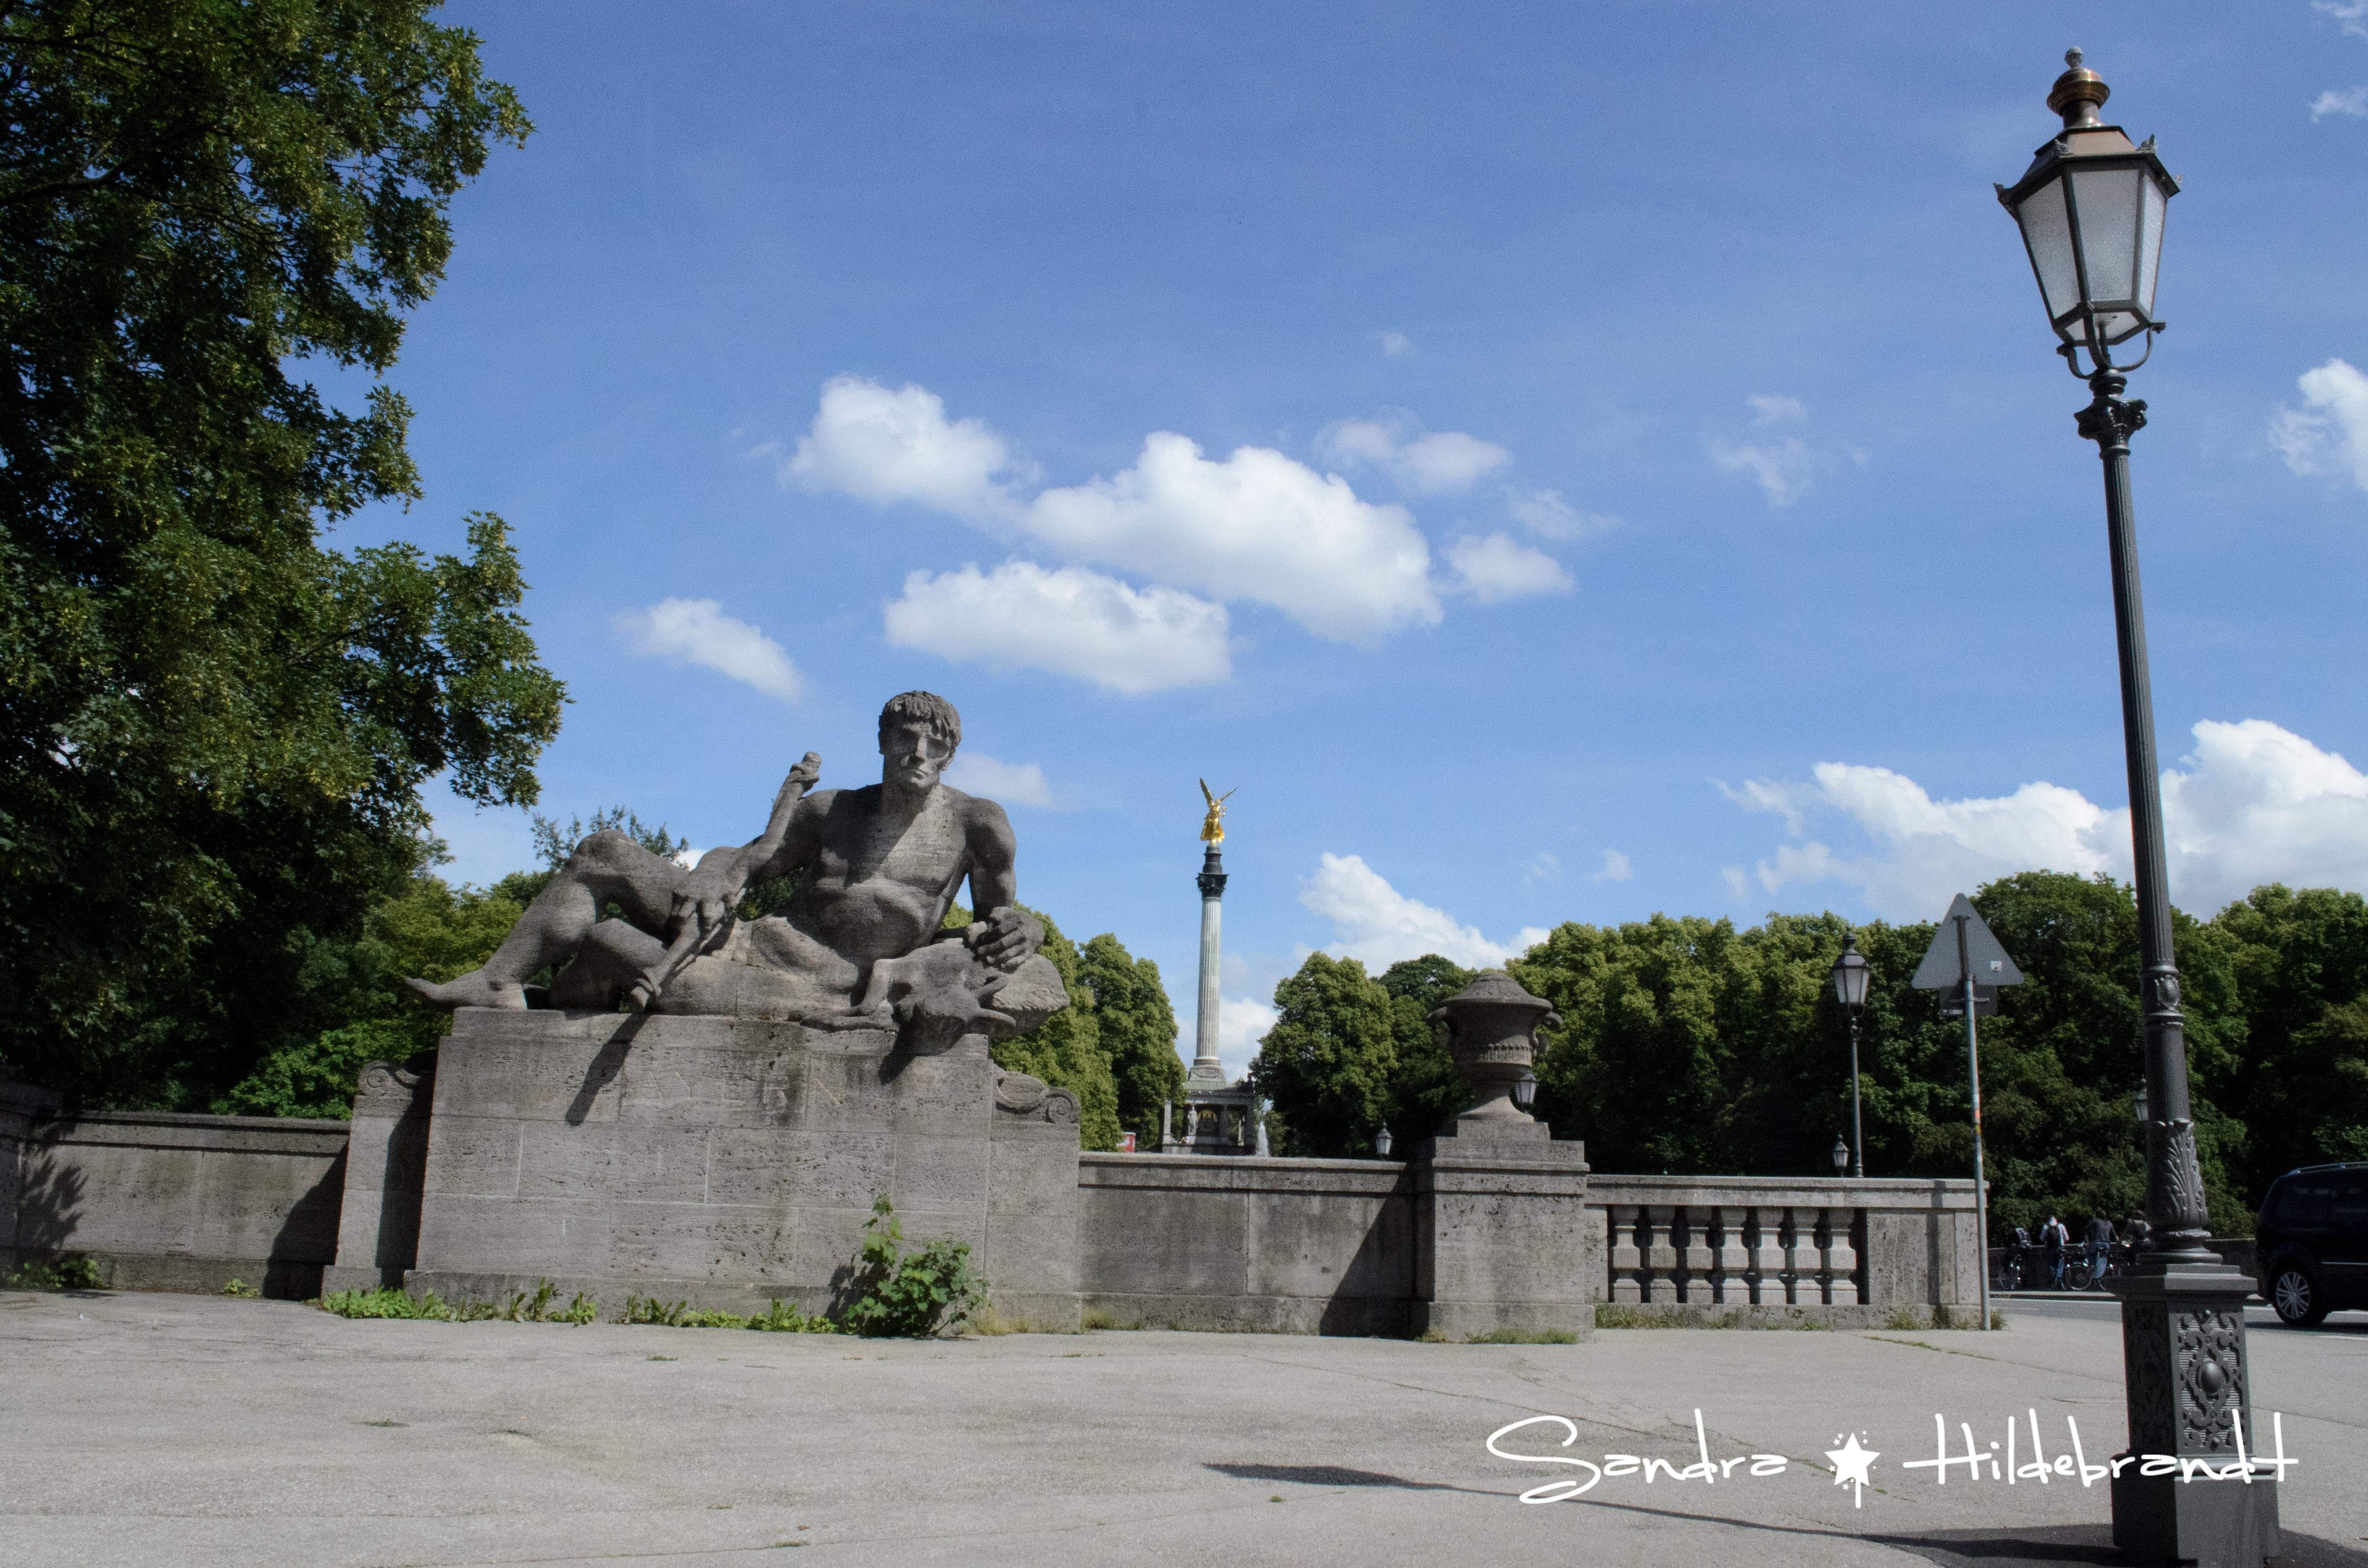 München / Munich - Monument in München